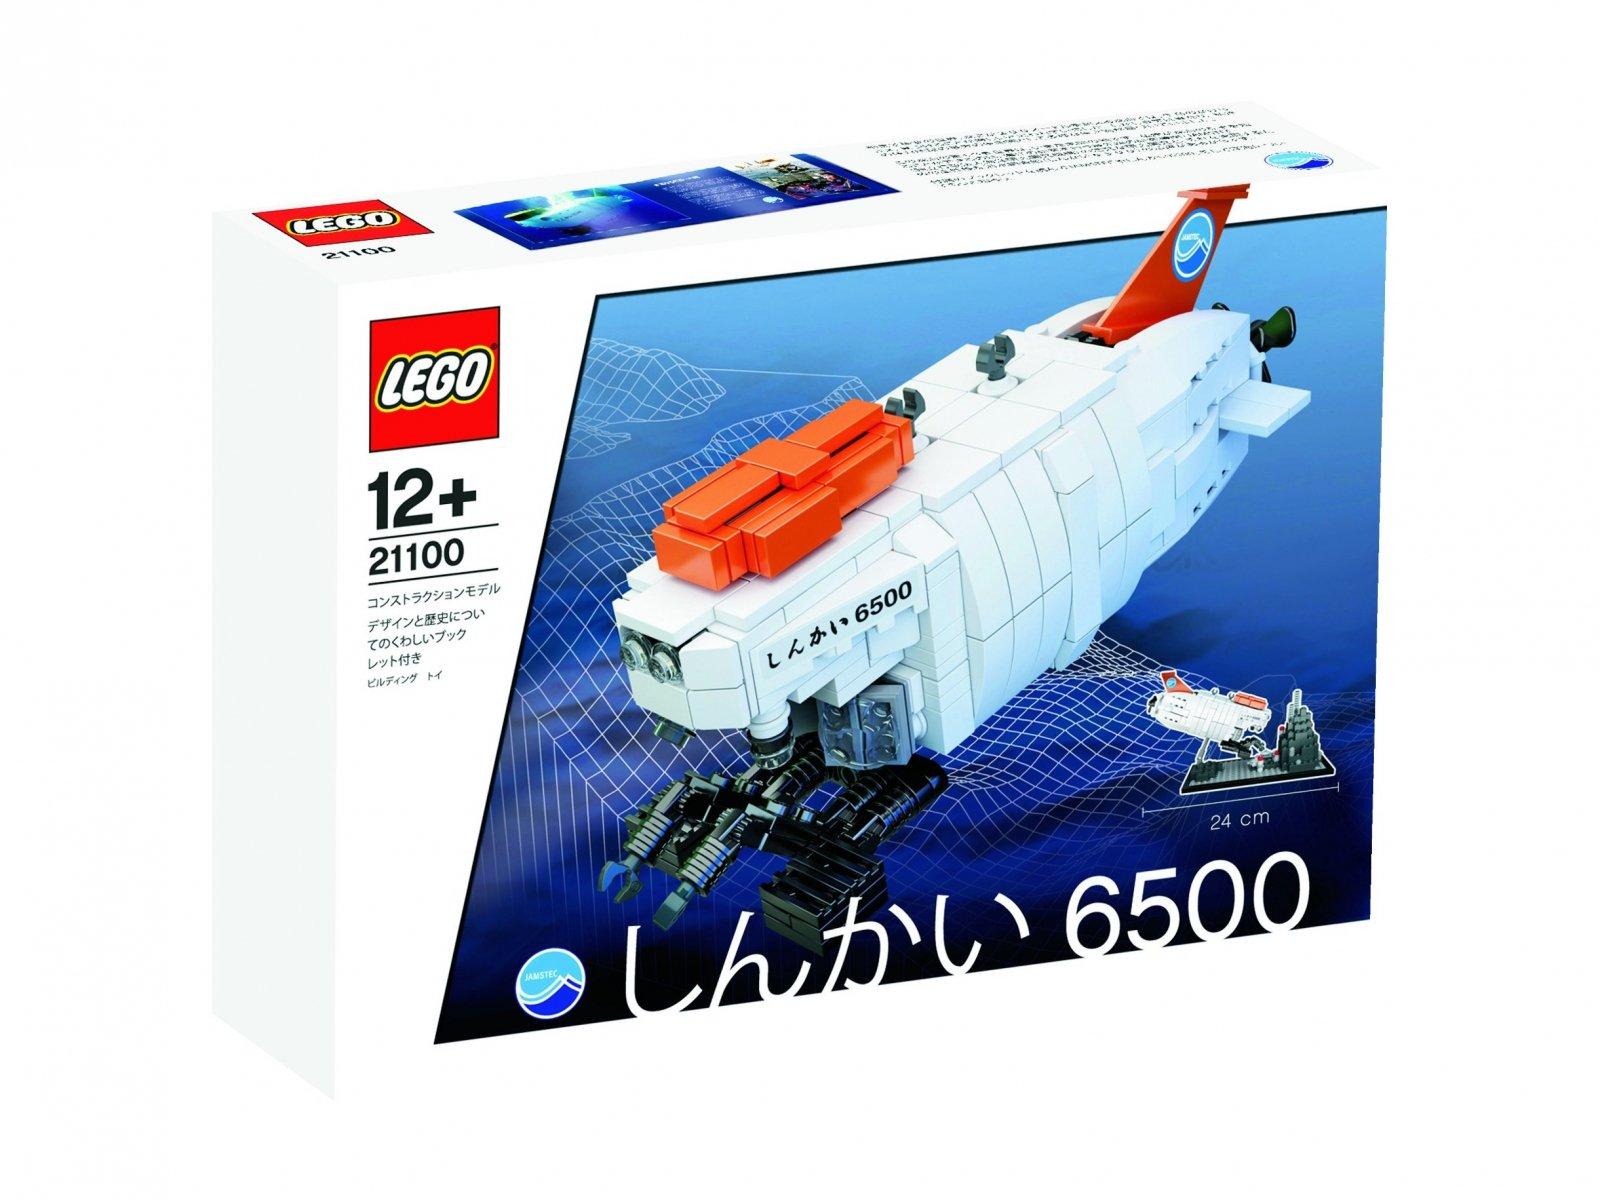 LEGO 21100 Shinkai 6500